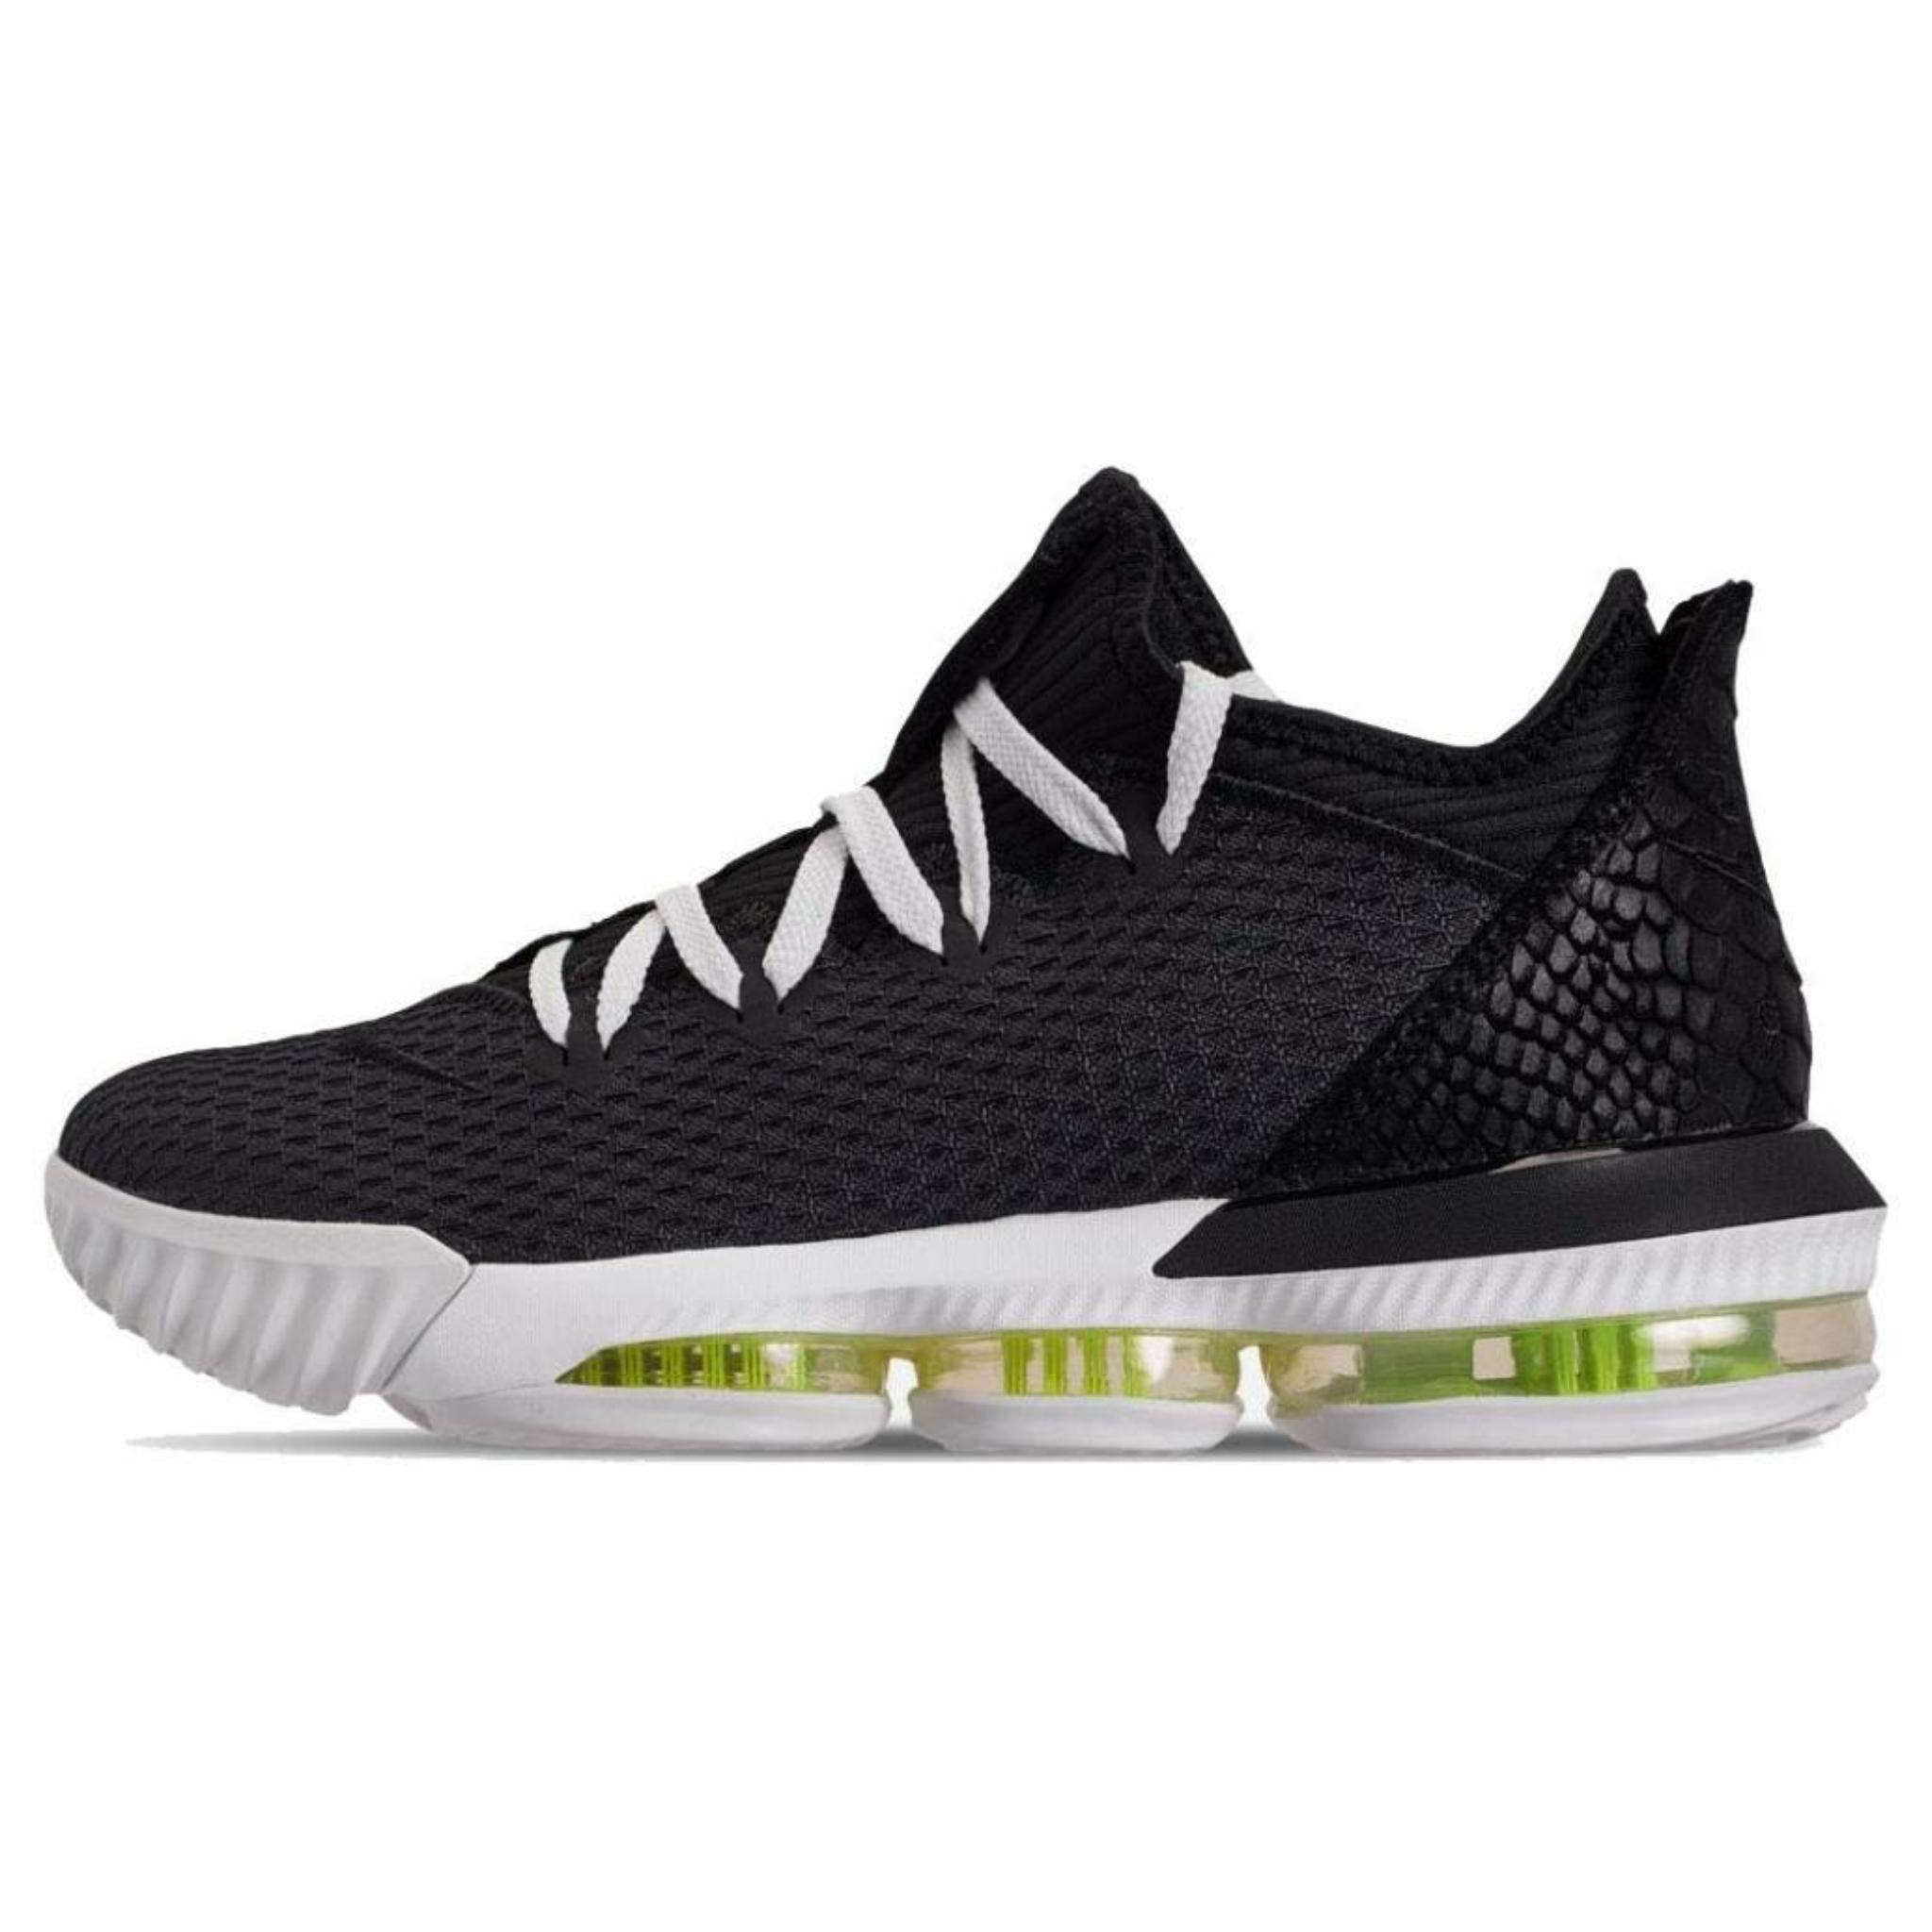 کفش بسکتبال مردانه نایکی مدل LEBRON 16 LOW